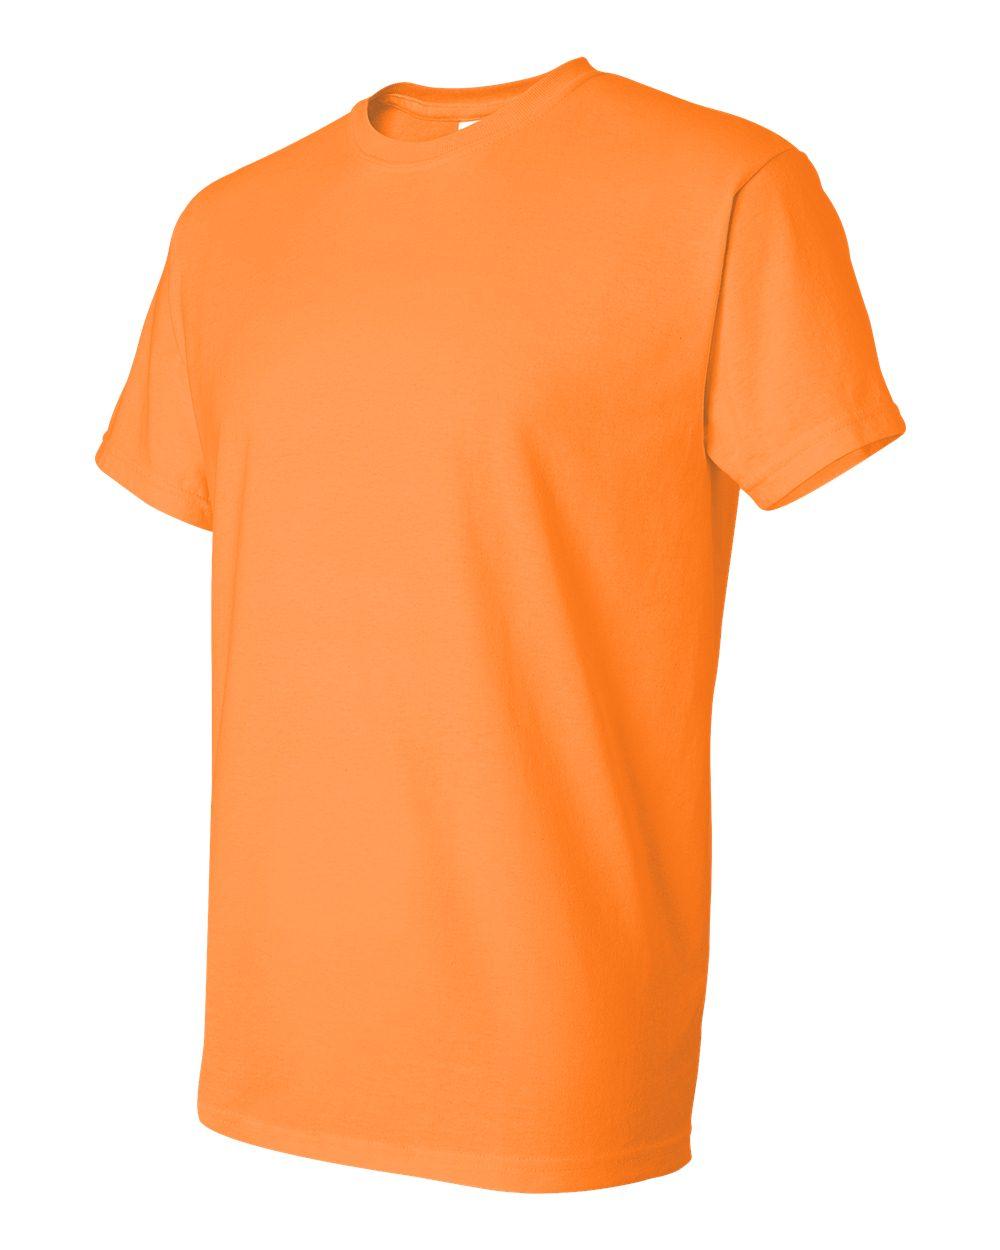 Gildan-Mens-DryBlend-5-6-oz-50-50-T-Shirt-G800-Size-S-5XL thumbnail 86